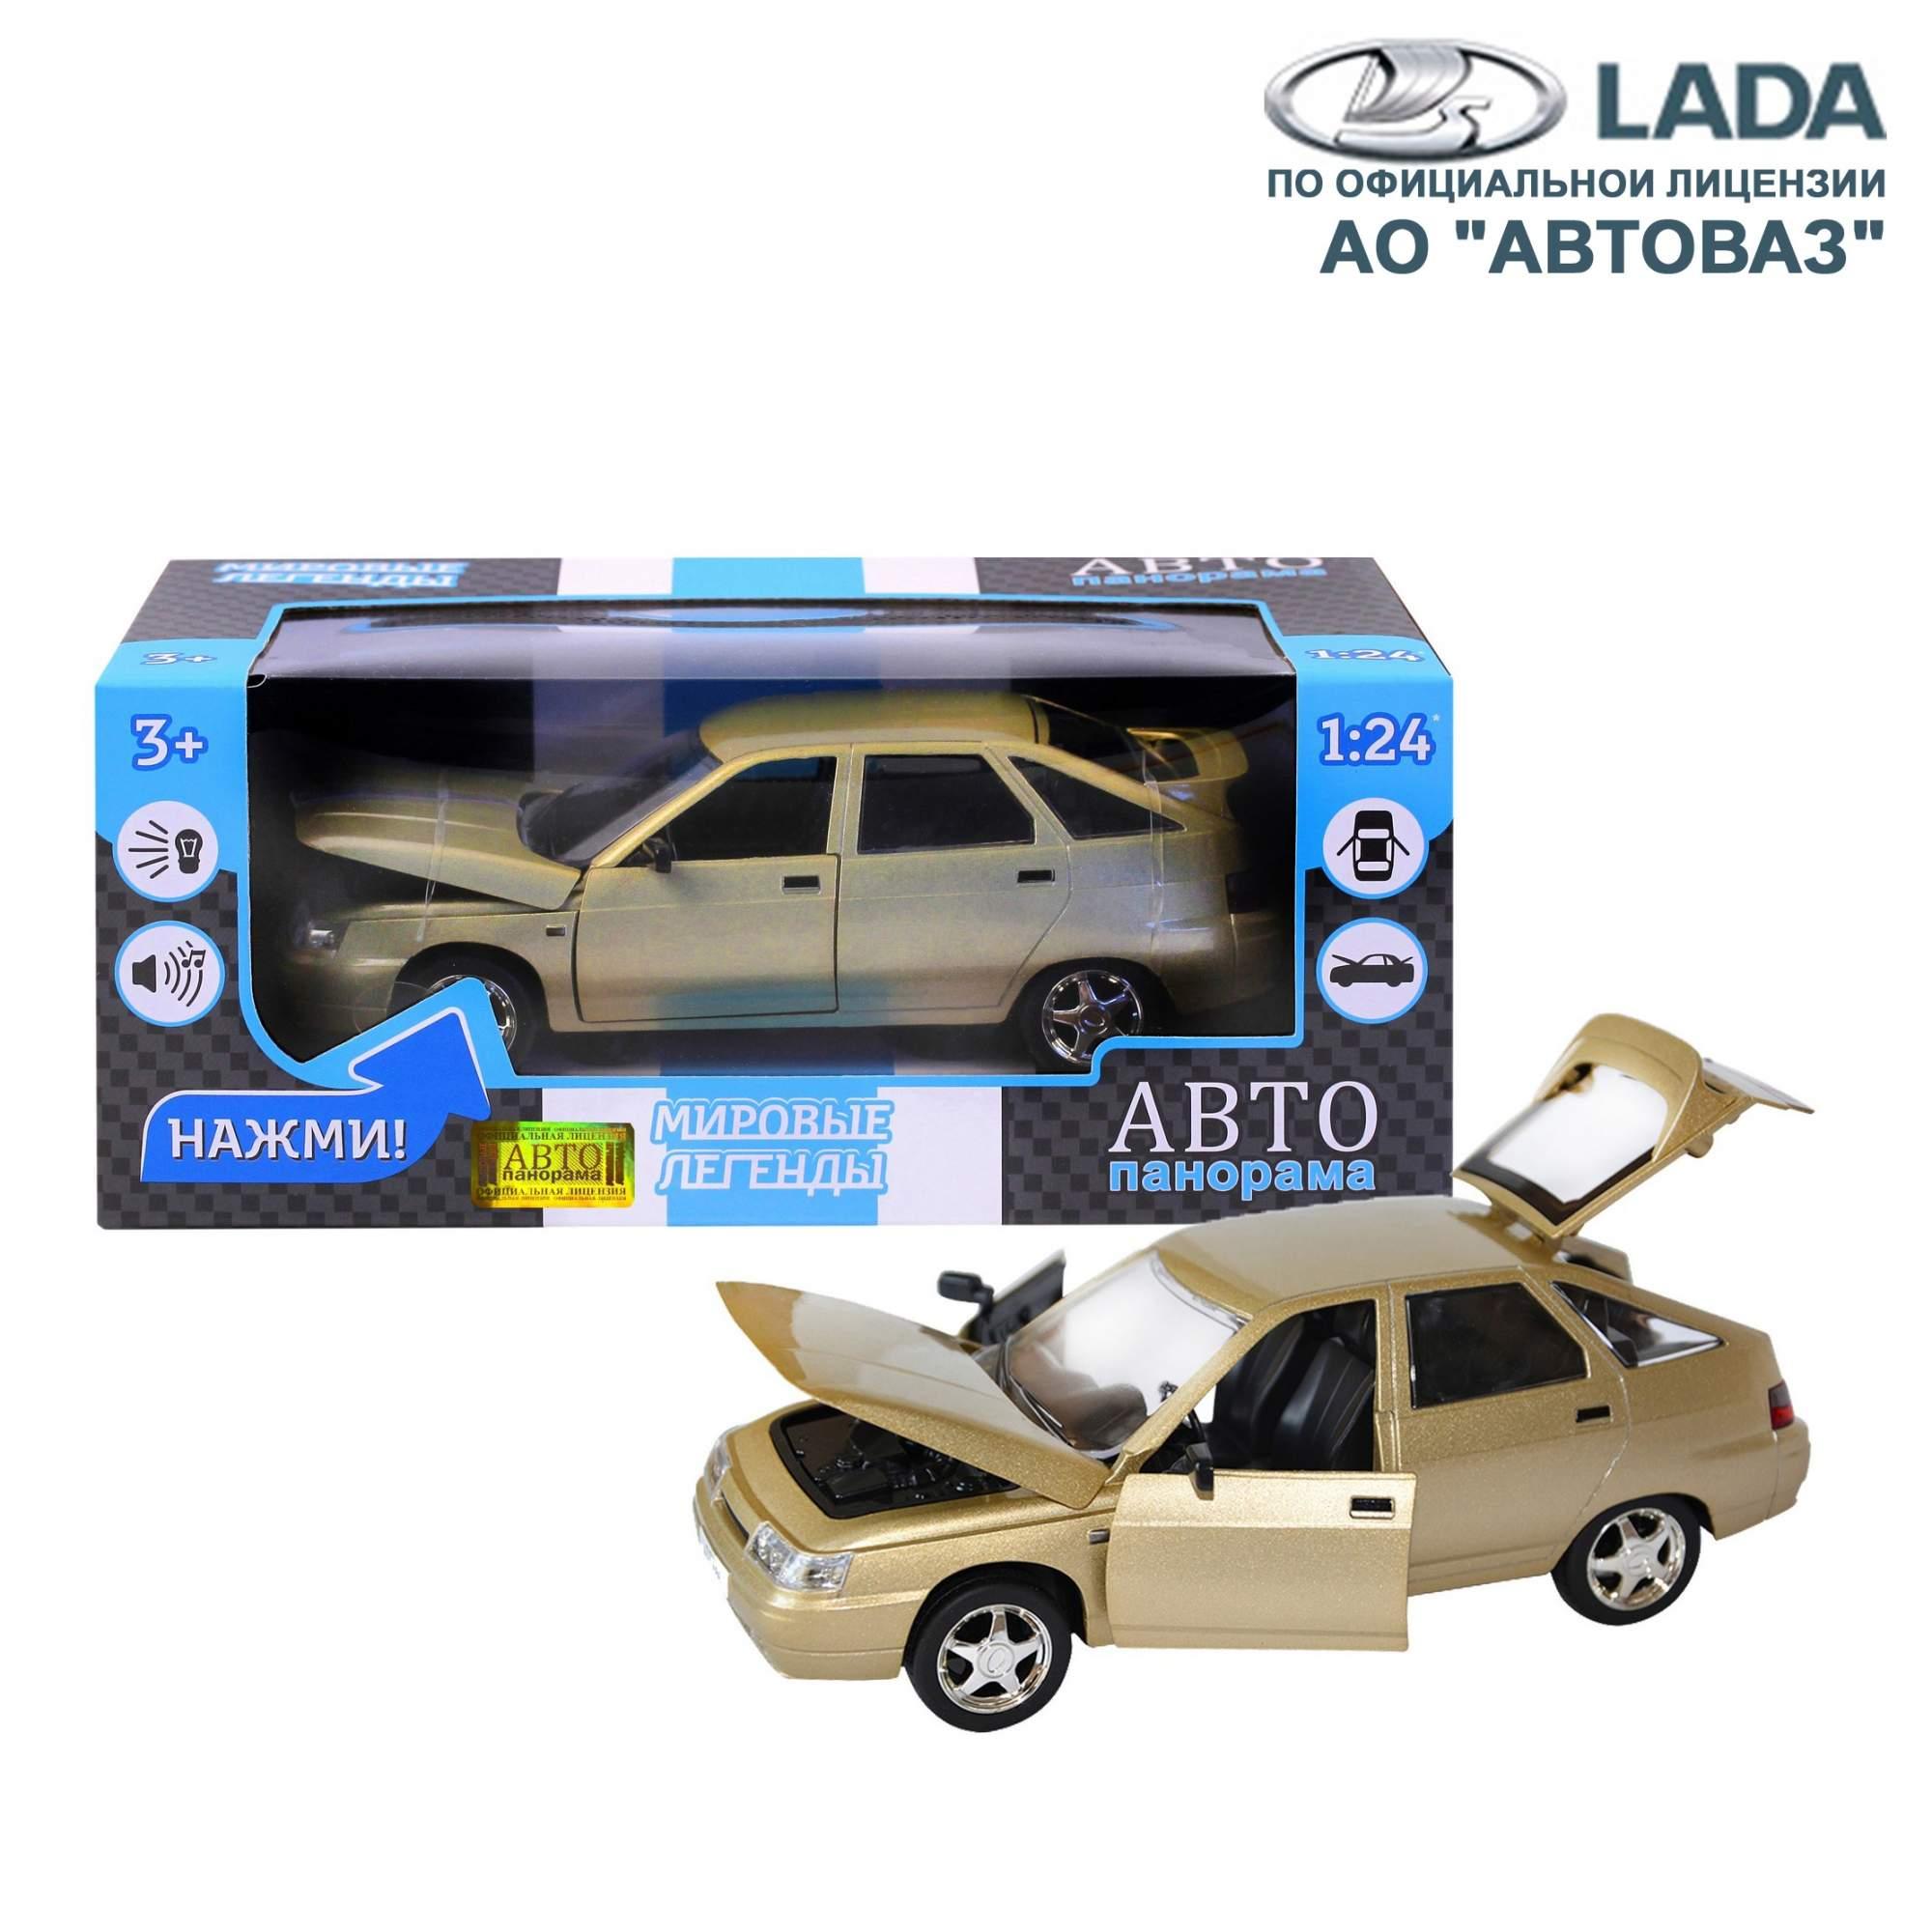 Машинка Автопанорама металлическая ВАЗ 2112 1:22 JB1200160